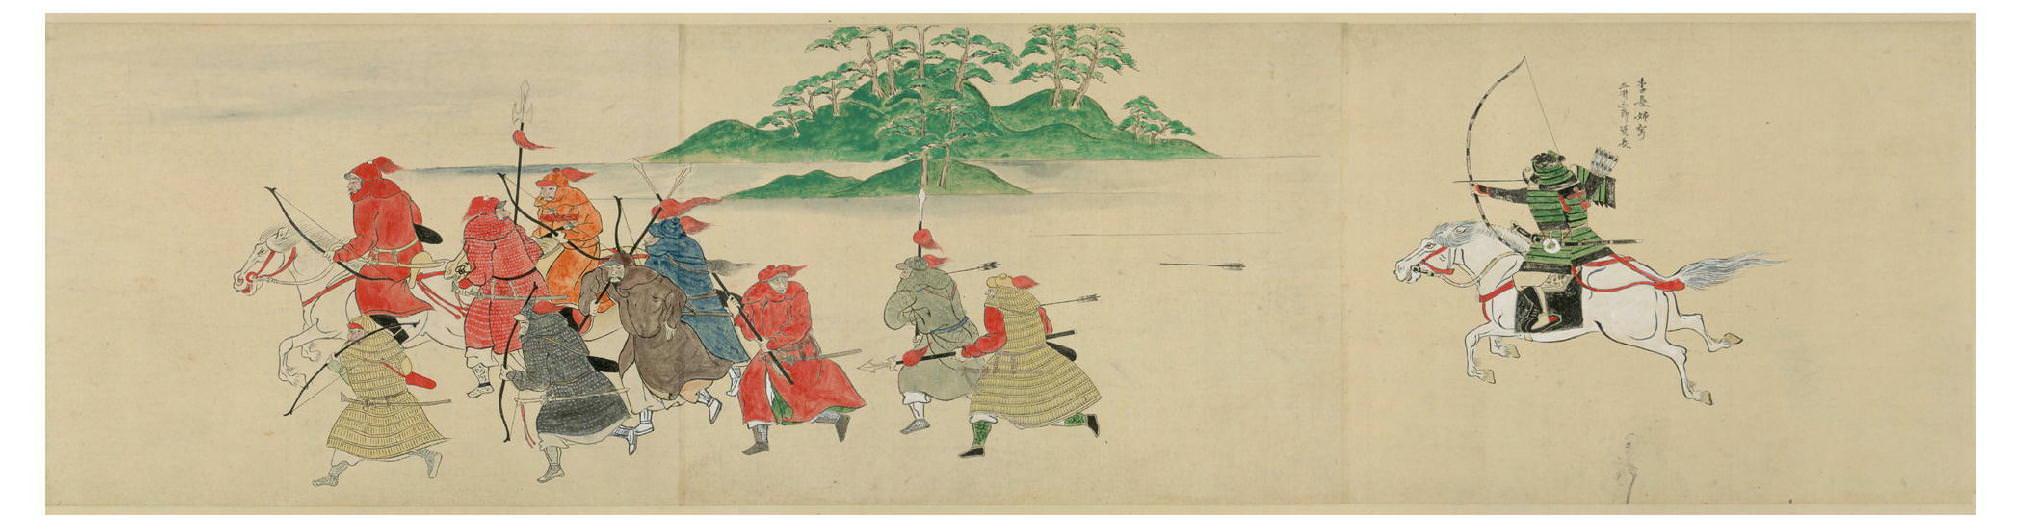 鎌倉 武士 やばい